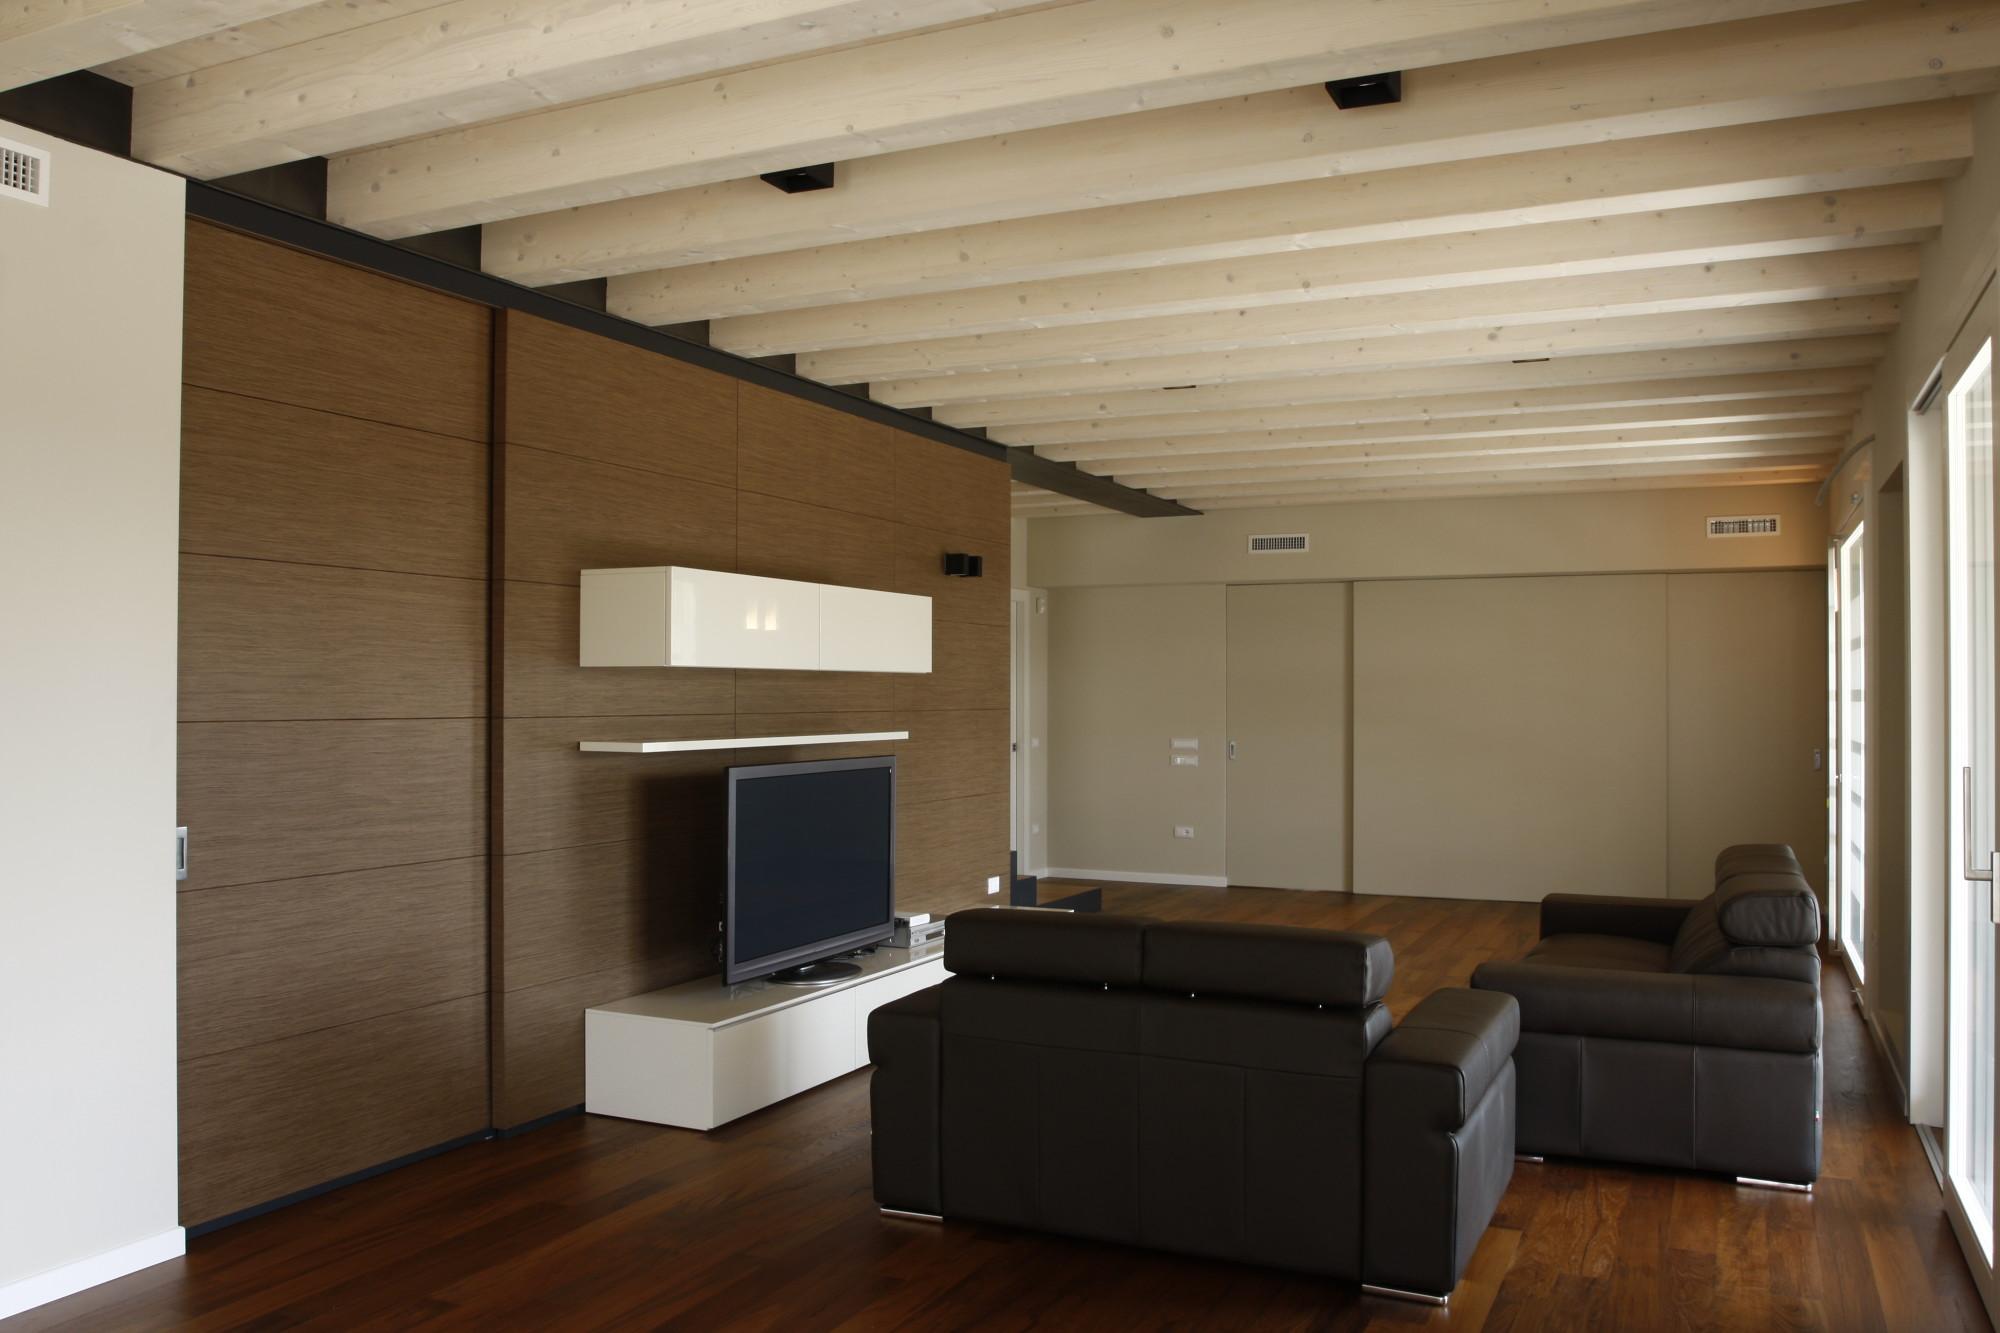 Soffitto In Legno Finto : Soffitti in legno bianco soffitto in legno pavimento e soffitto